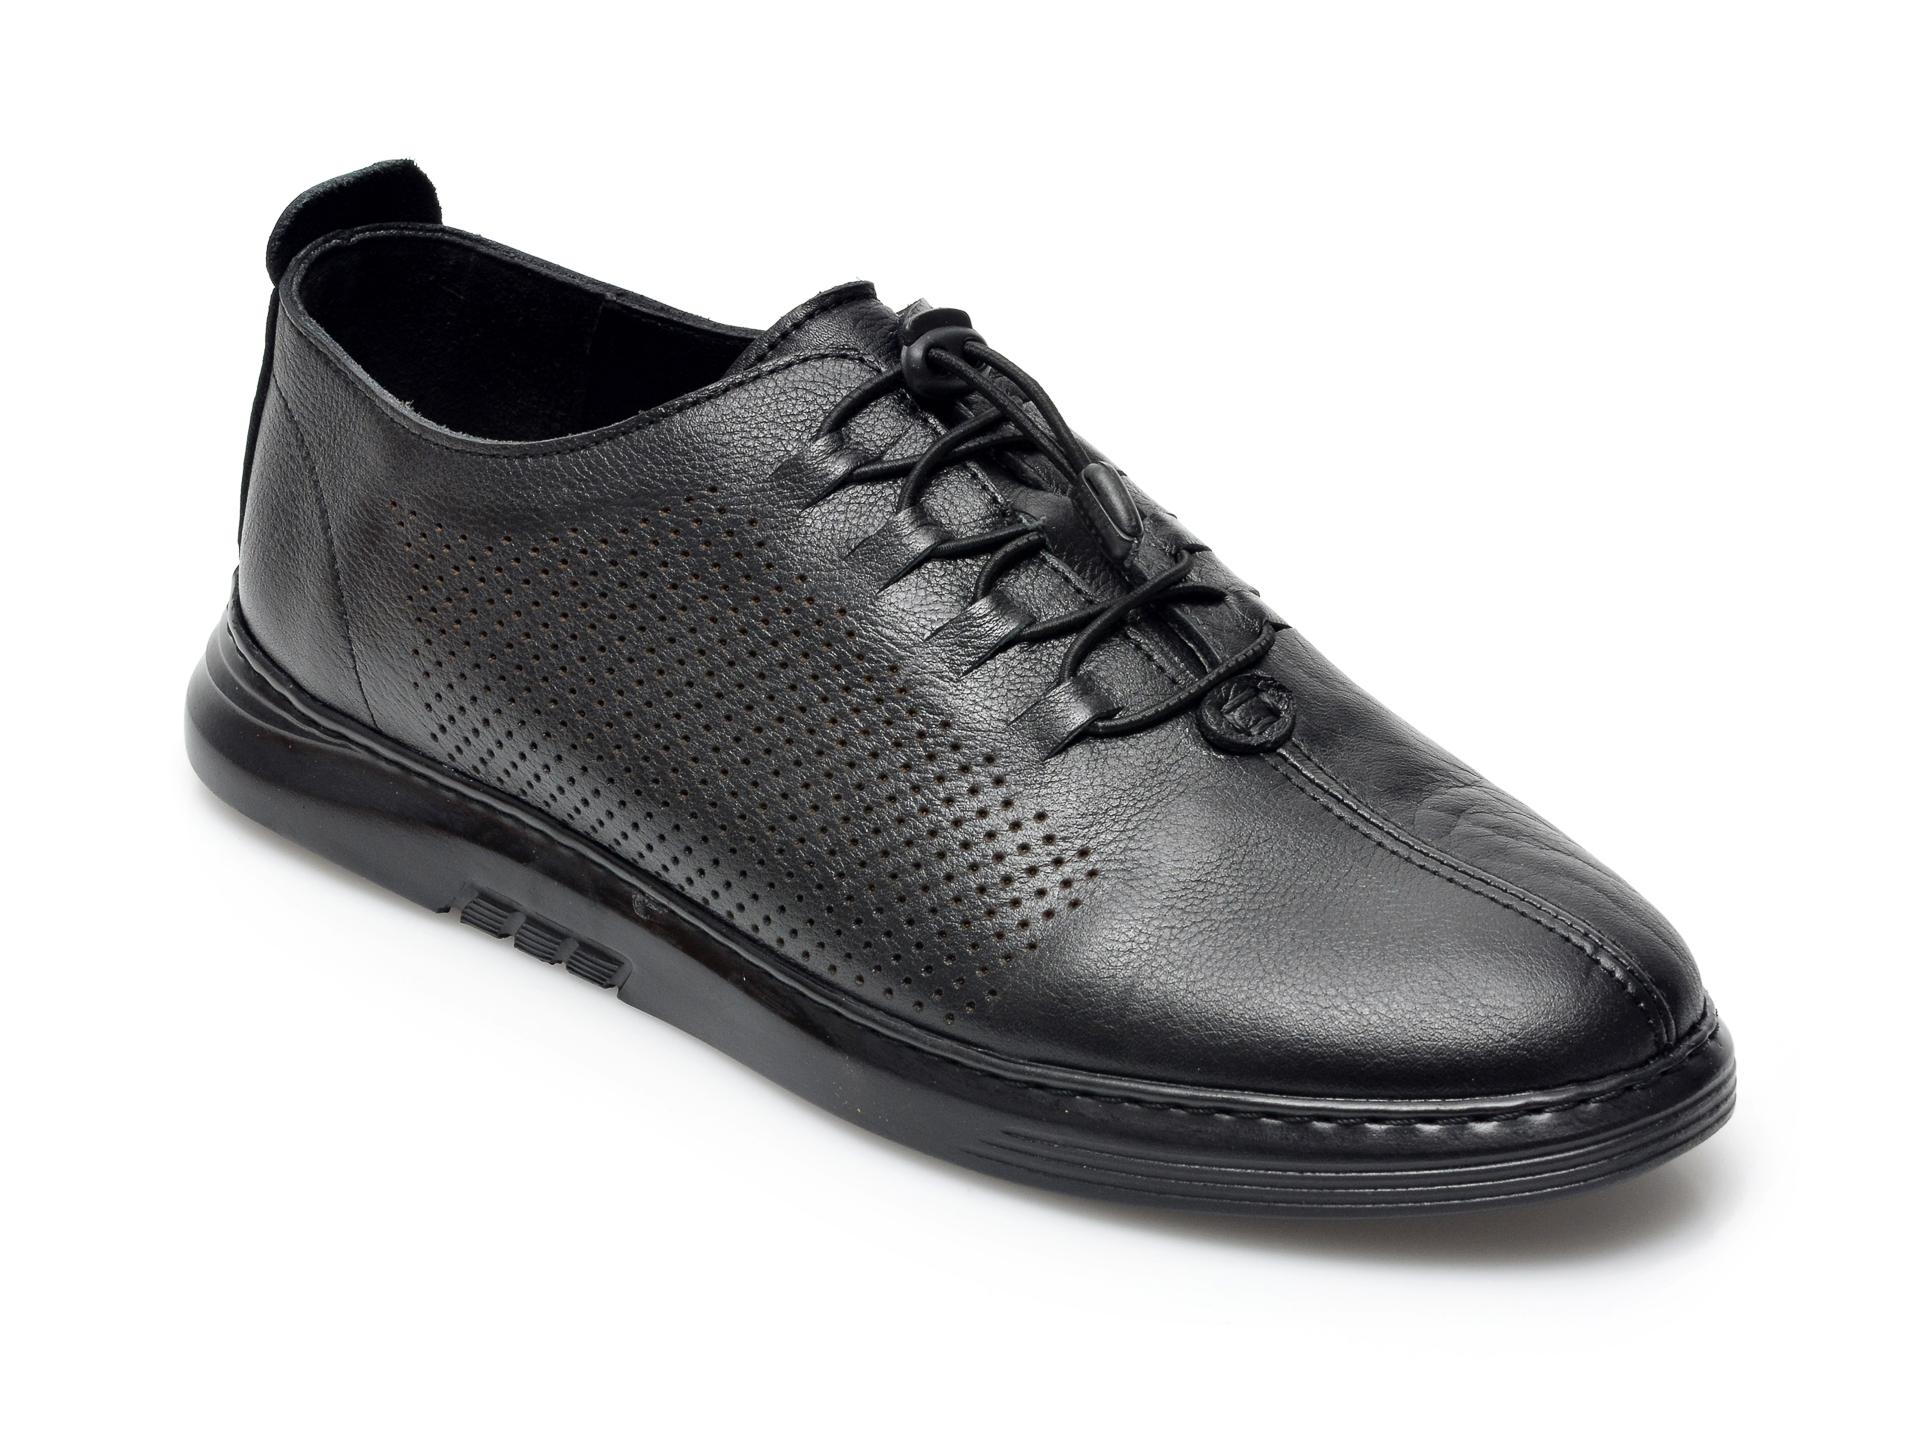 Pantofi OTTER negri, 2025, din piele naturala imagine otter.ro